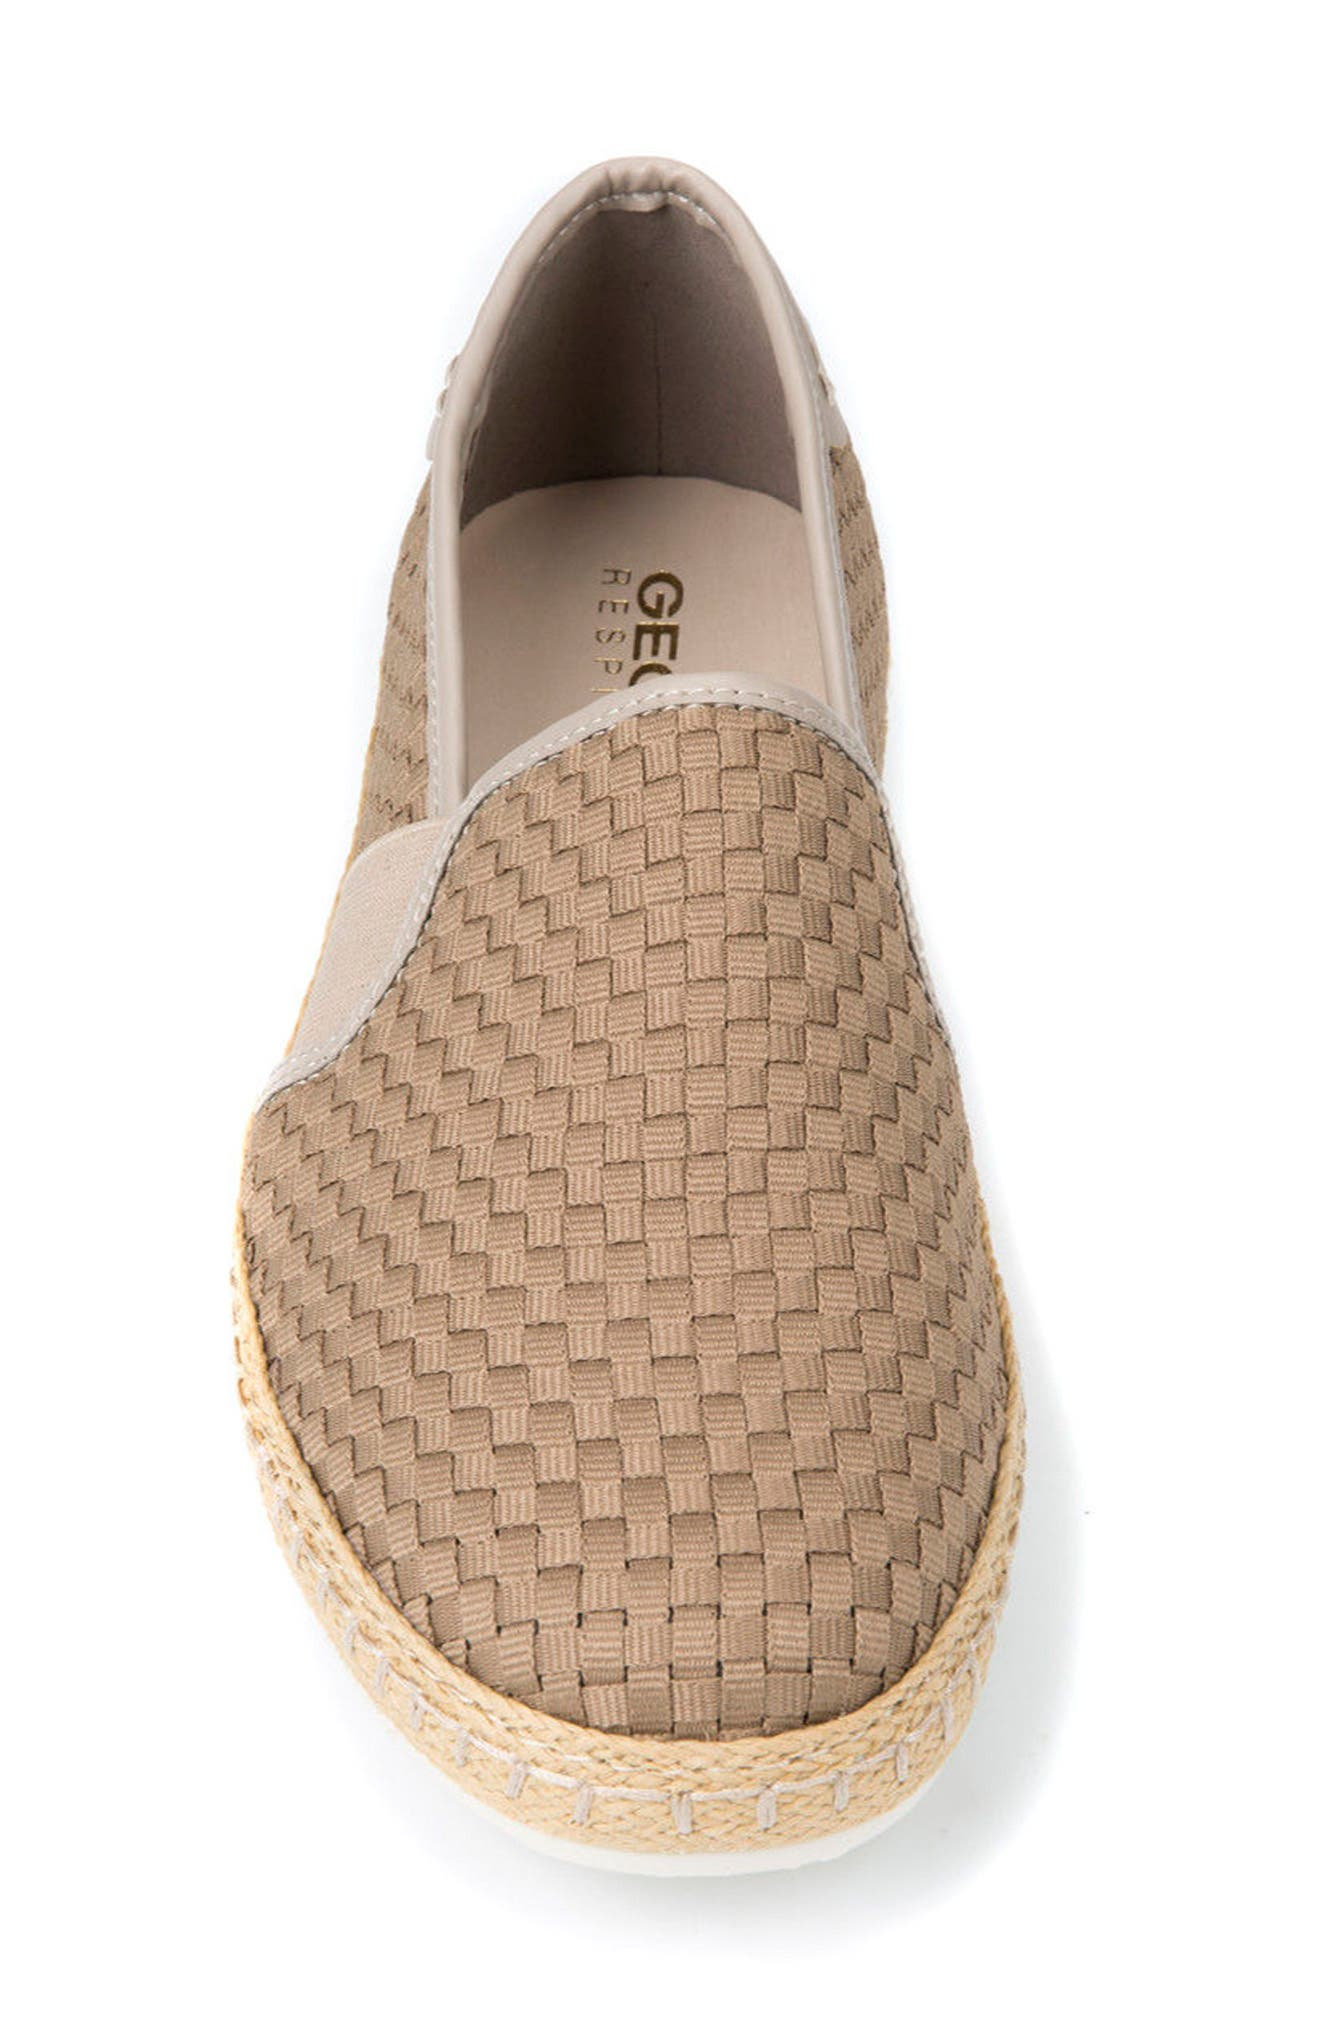 Copacaban 10 Woven Slip-On Sneaker,                             Alternate thumbnail 4, color,                             Sand